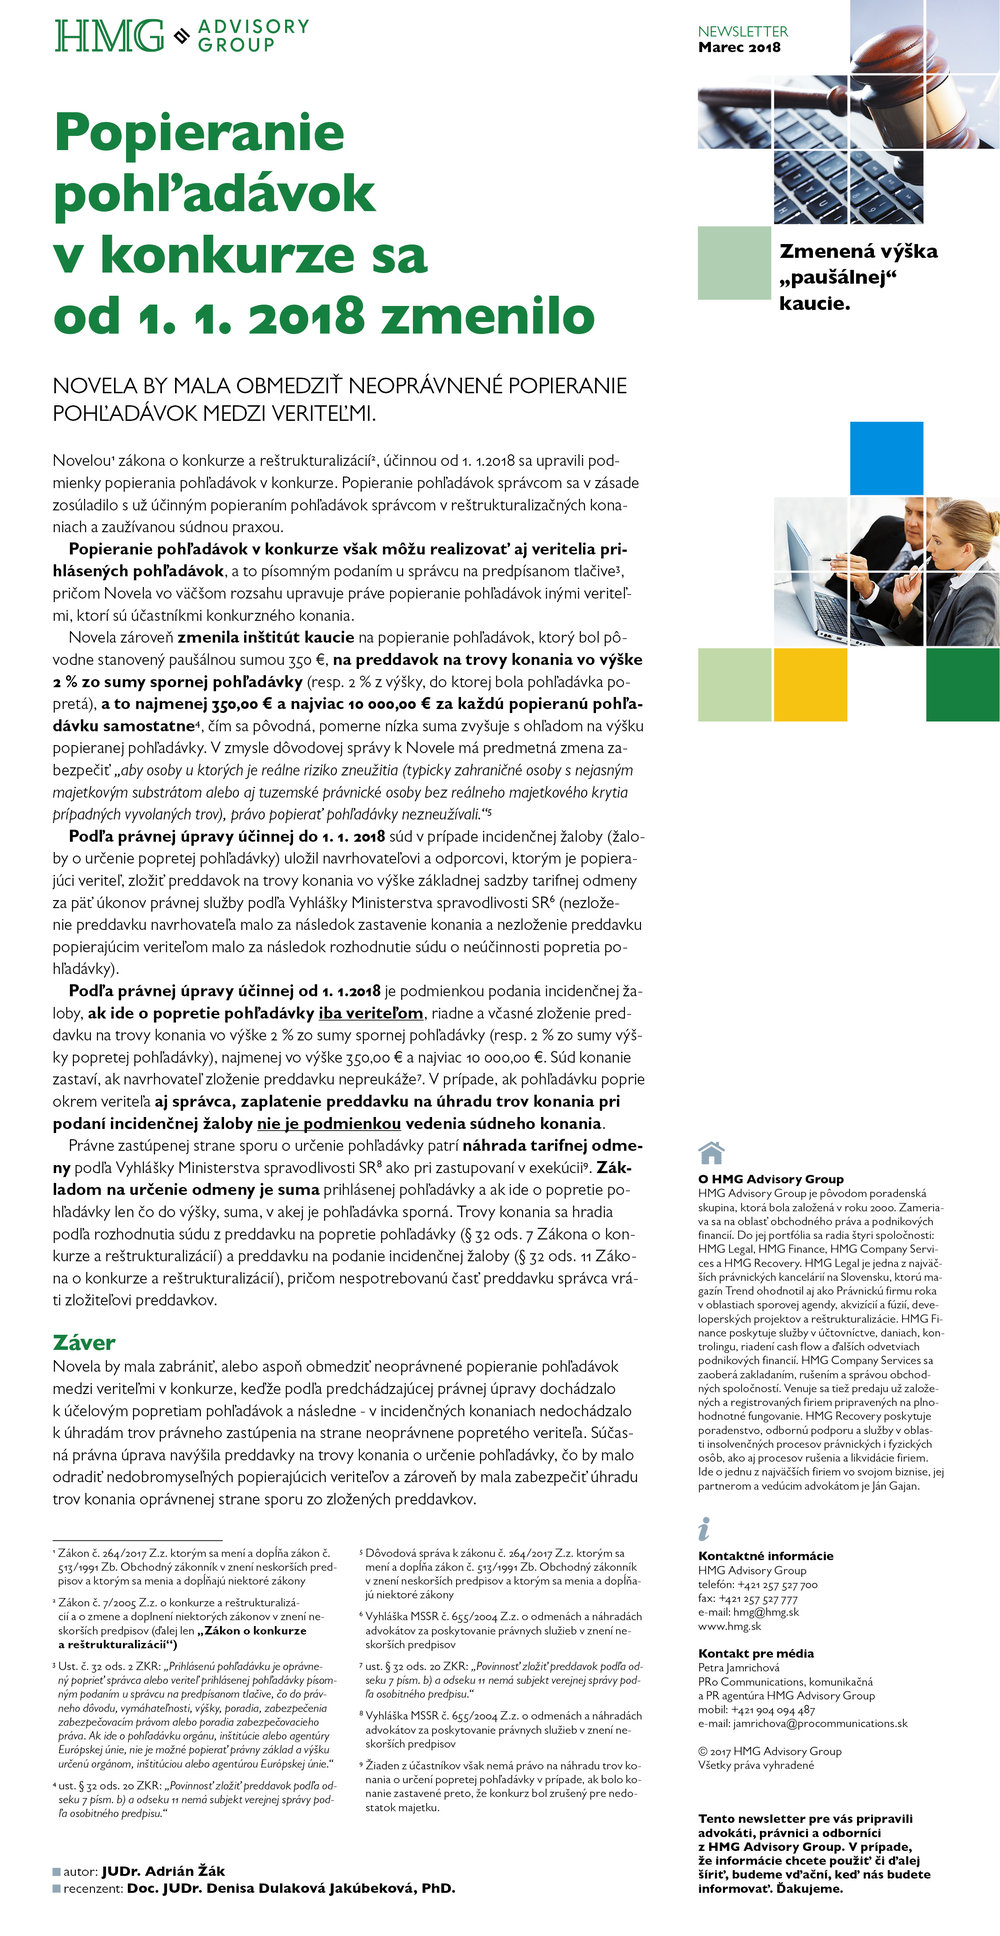 HMG_newsletter_pohladavky_1.jpg